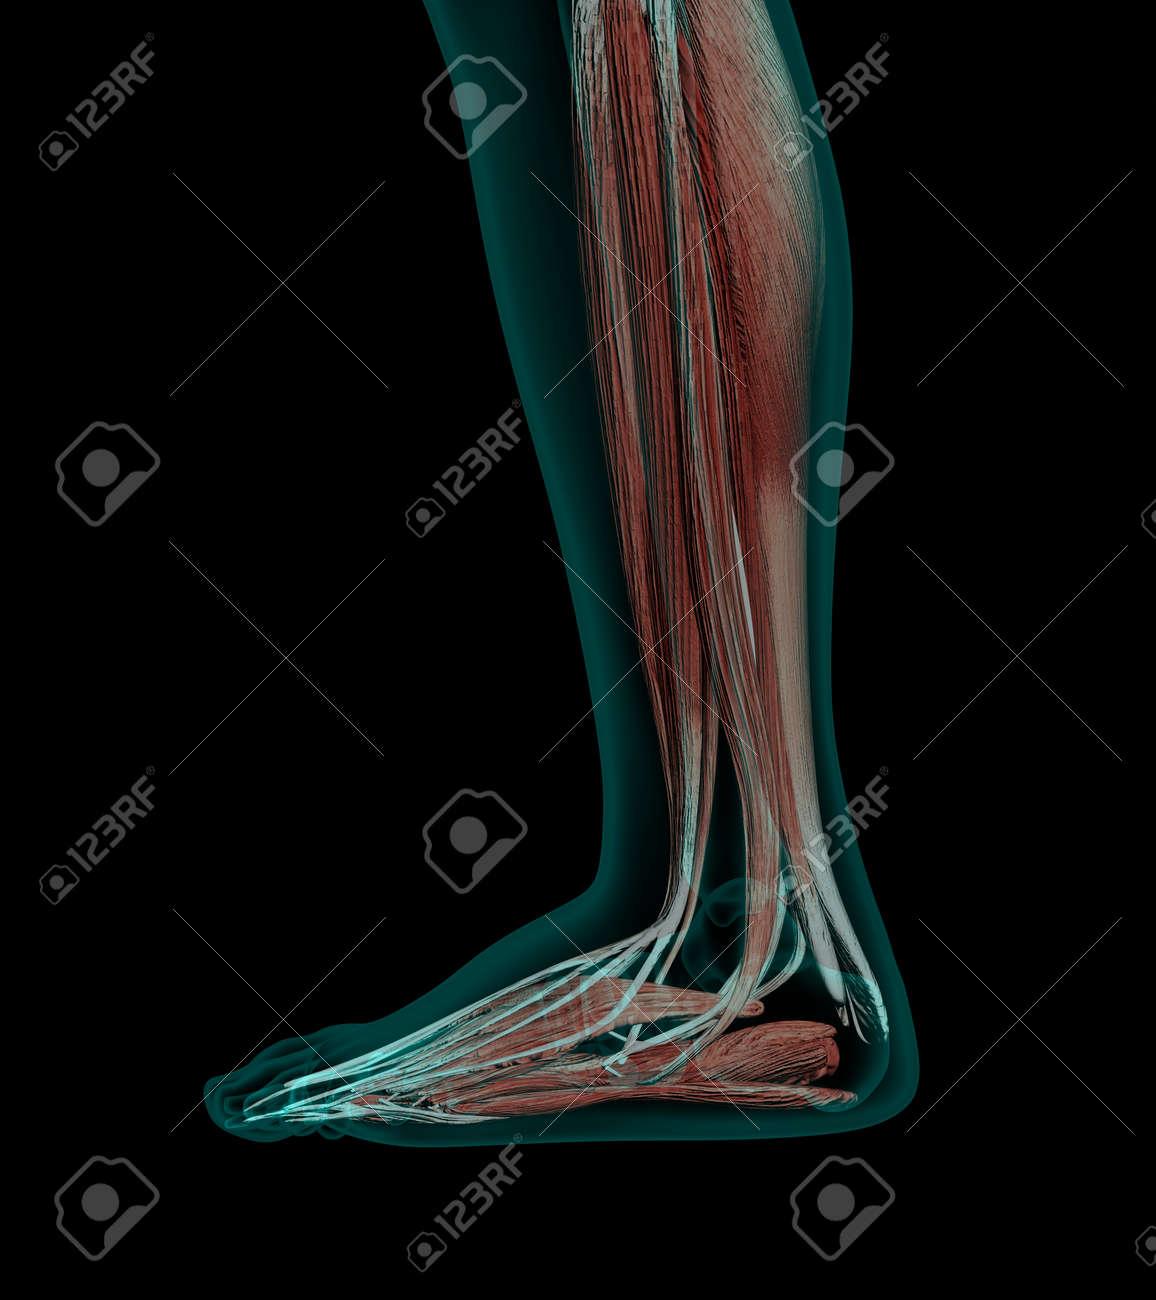 Los Músculos Humanos De La Anatomía De Una Pierna Con Wiev De Rayos ...